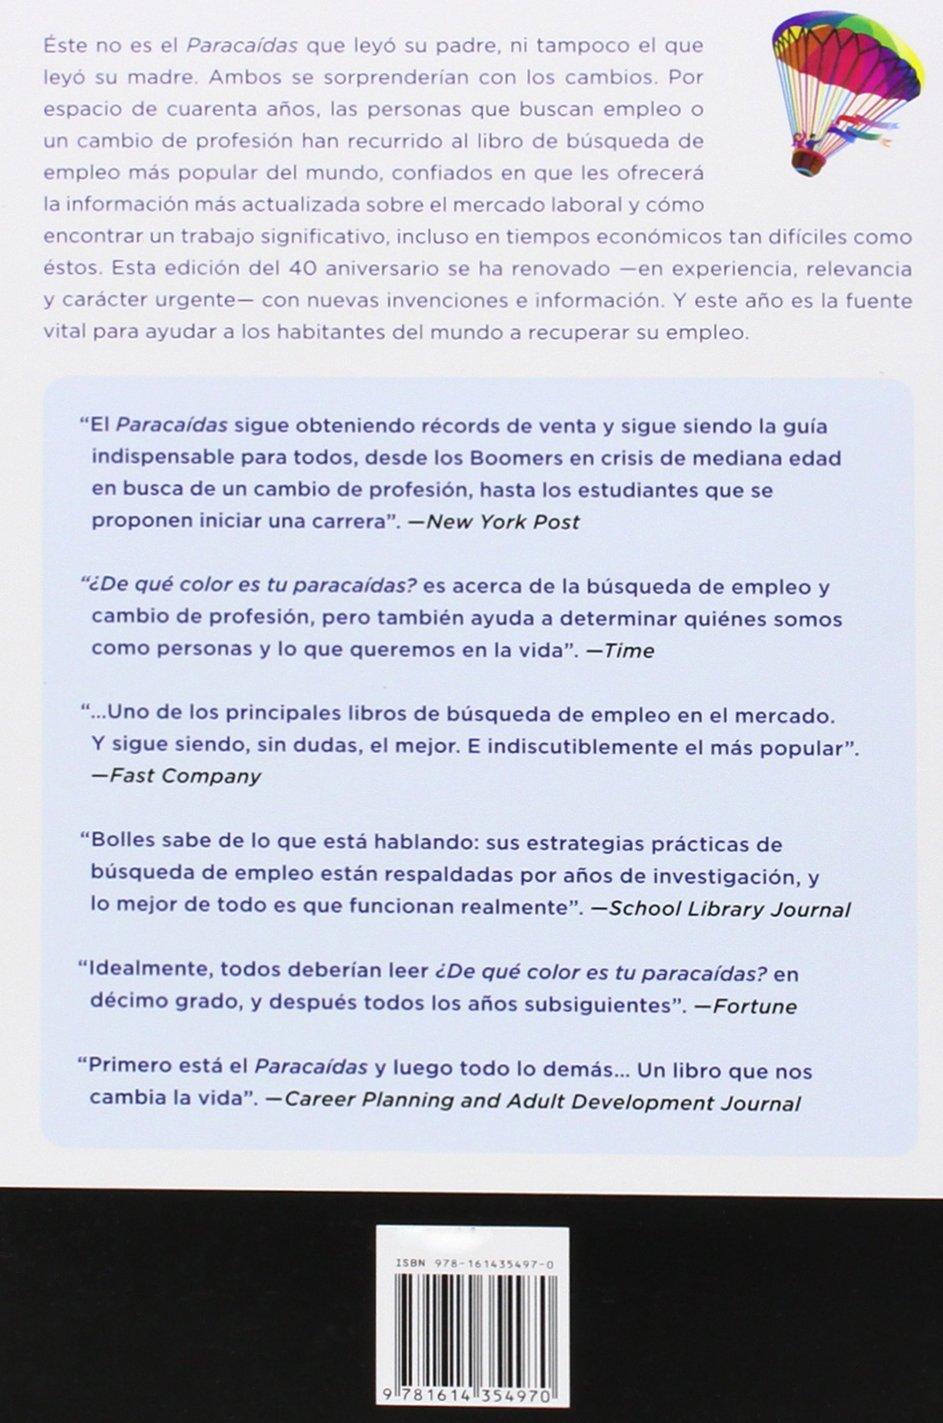 ¿De que color es tu paracaidas? (Un manual practico para personas que buscan emp leo o un cambio de profesion) Edicion del 40 aniversario (Spanish Edition): ...